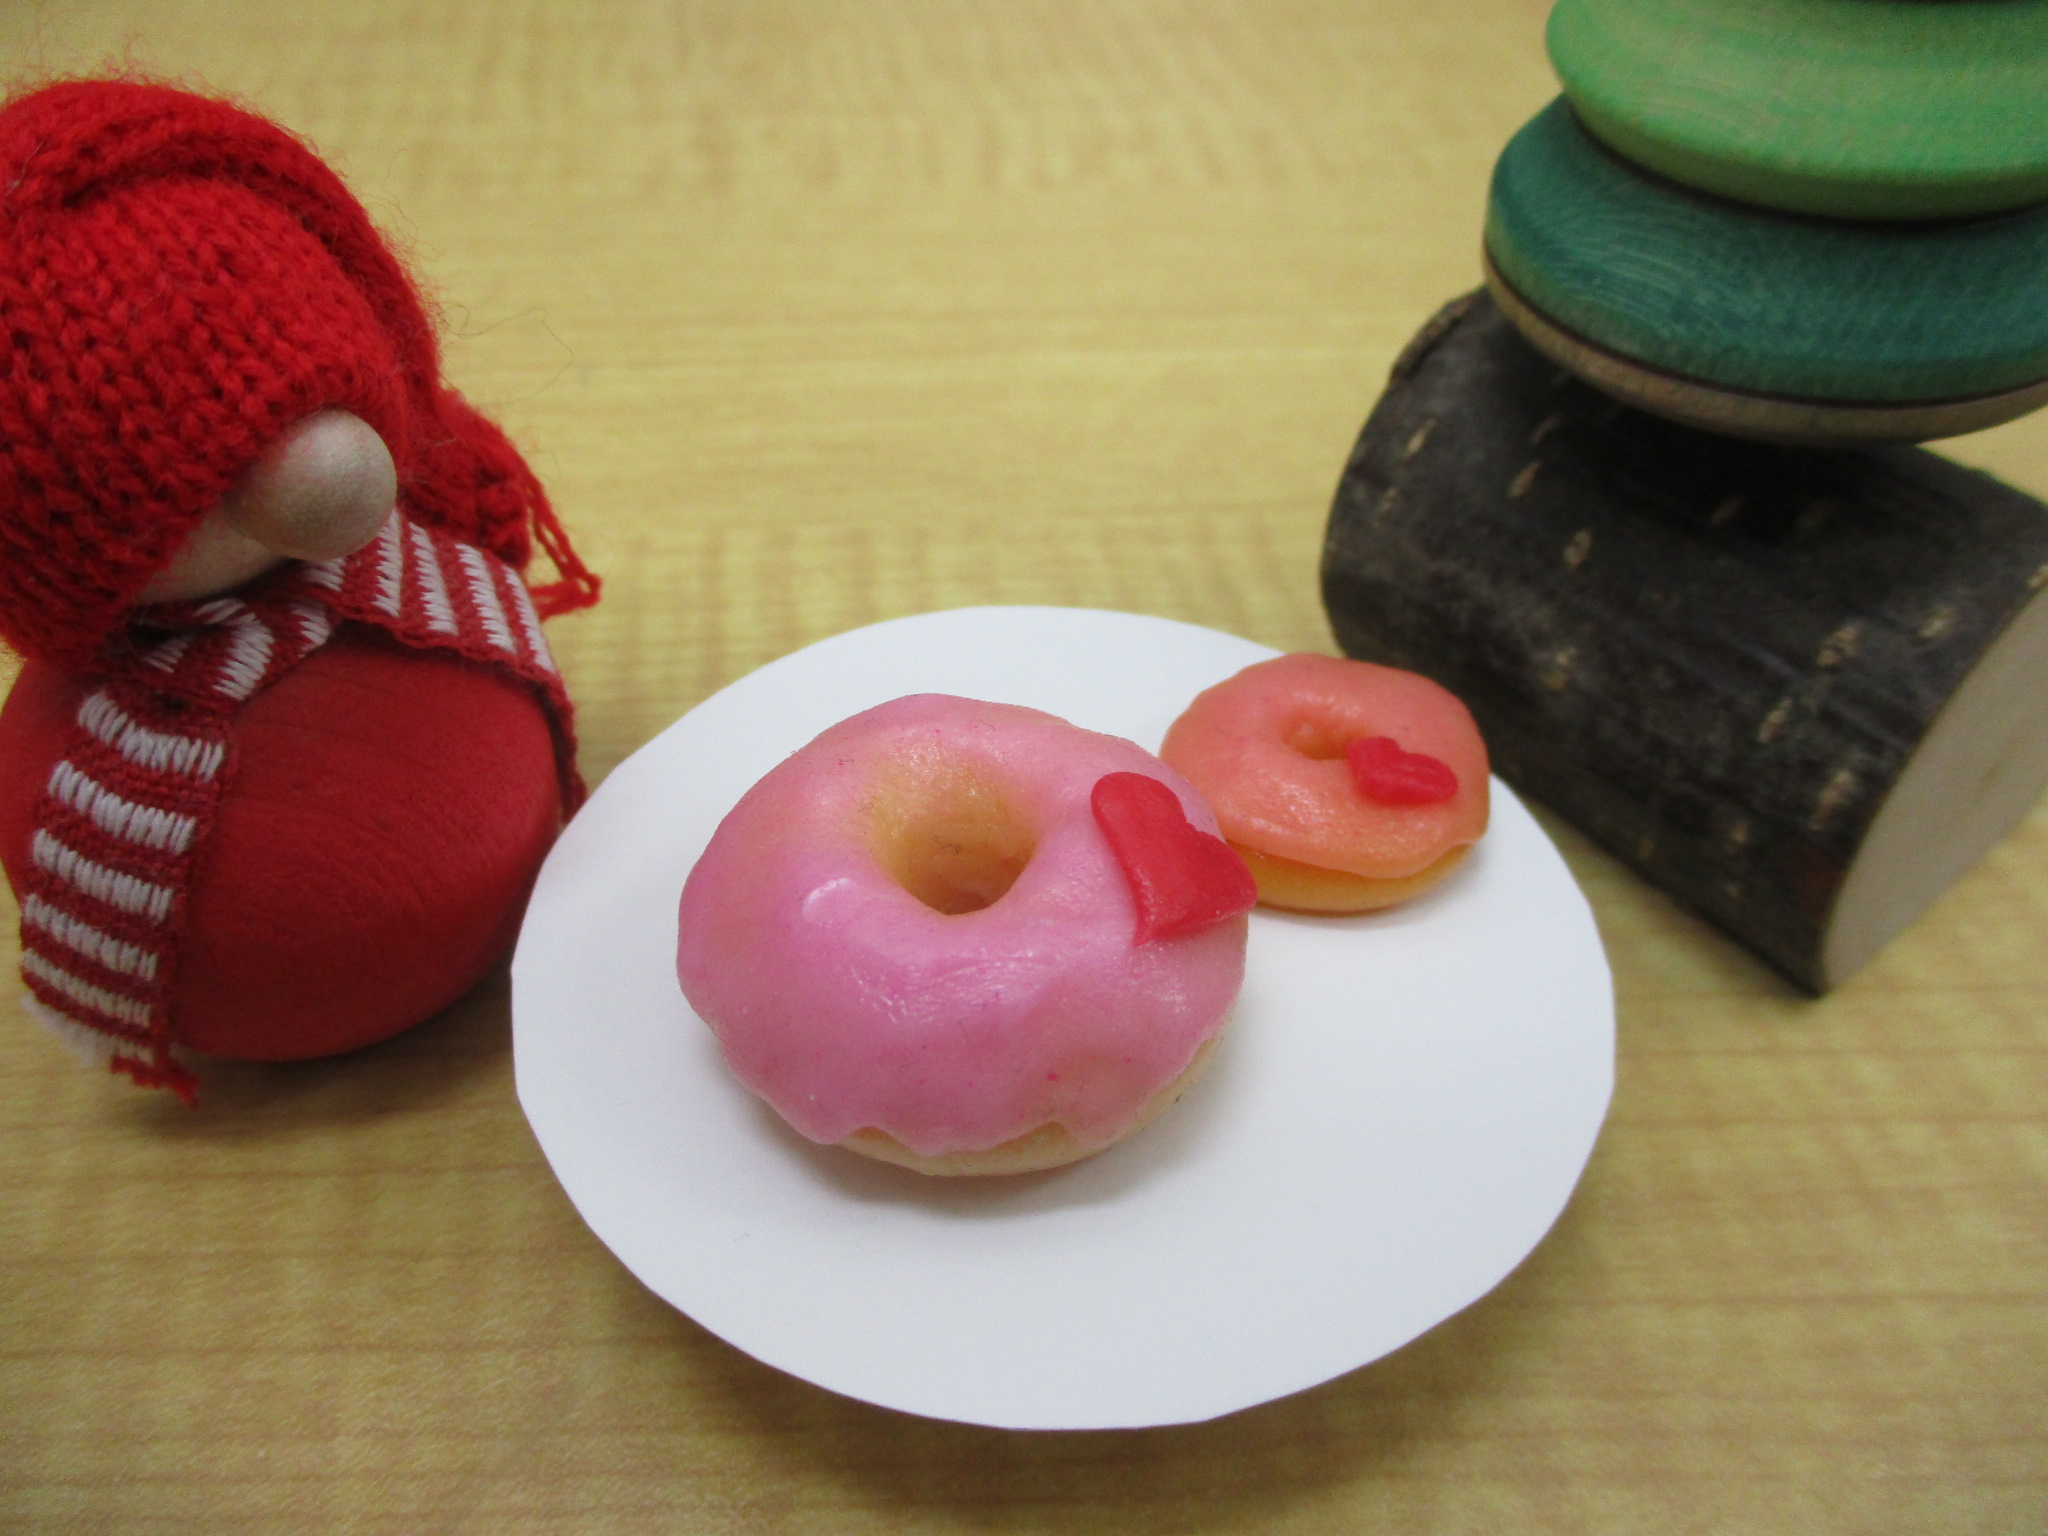 12月3日(日)に、かんてんネンドで「キドキド☆どきどき クッキング♪」を行います。